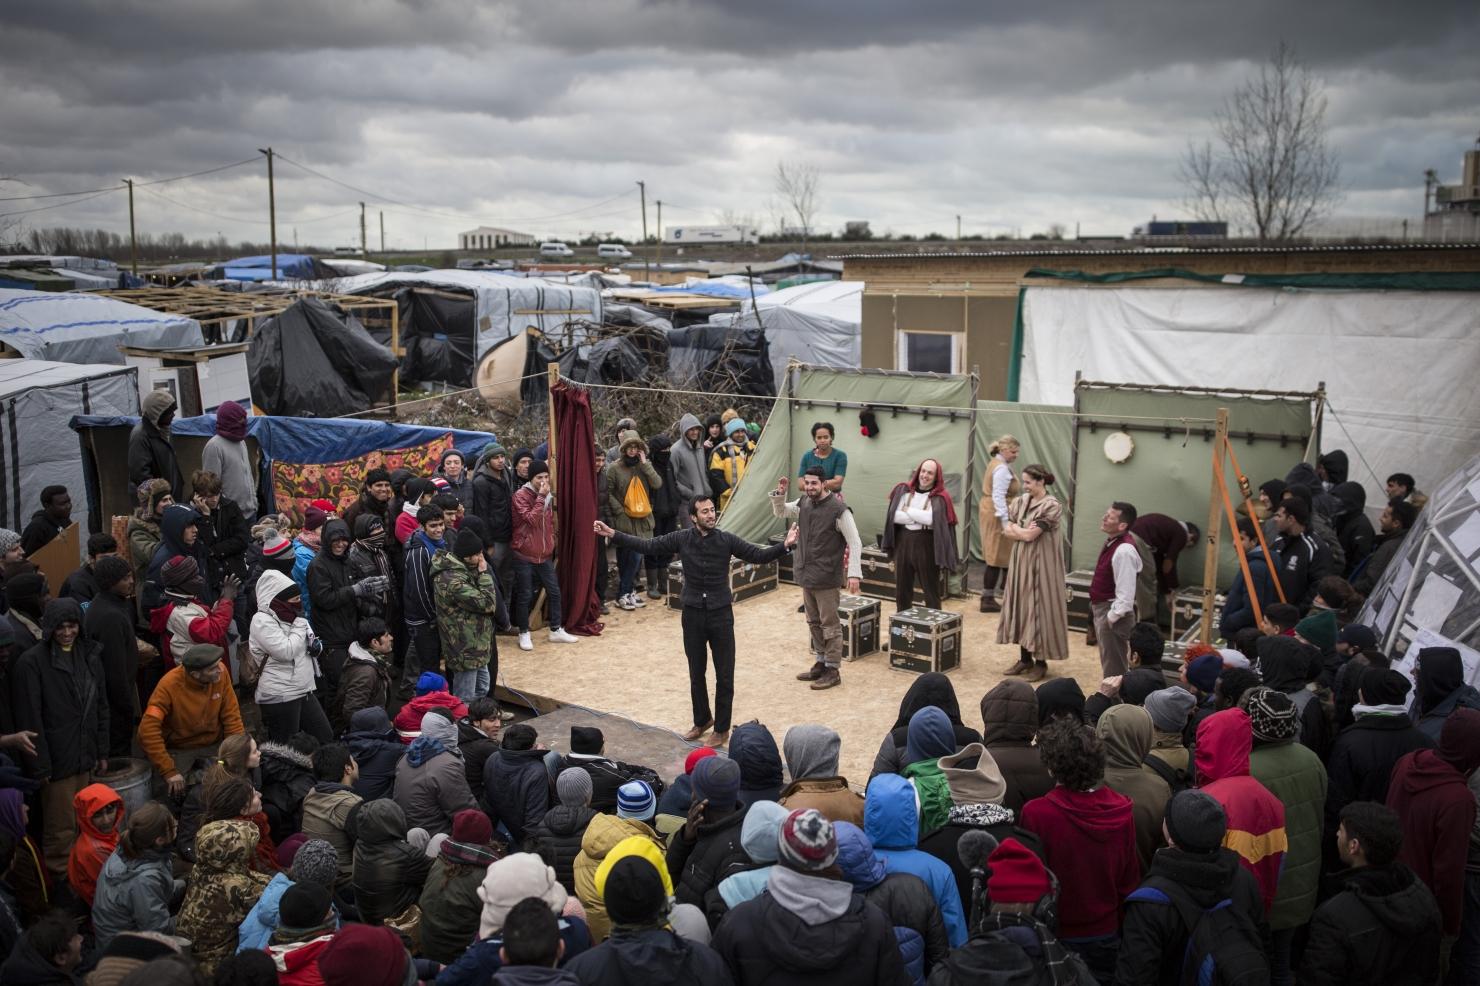 Tabăra de refugiați din Calais